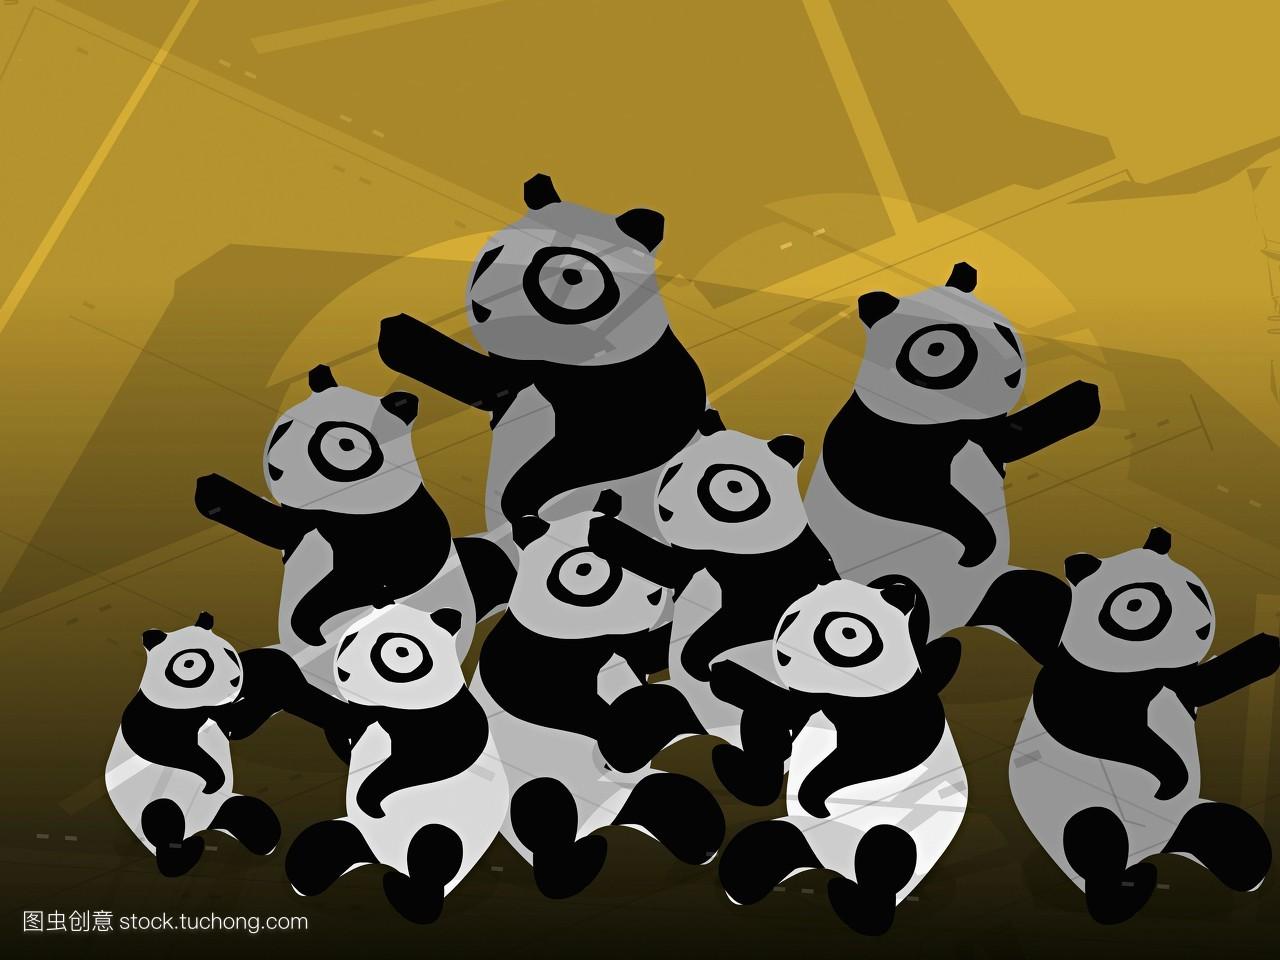 熊猫,相伴,横构图,高角度,彩色图片,电脑图形,一群动物,积极表情,幼小图片